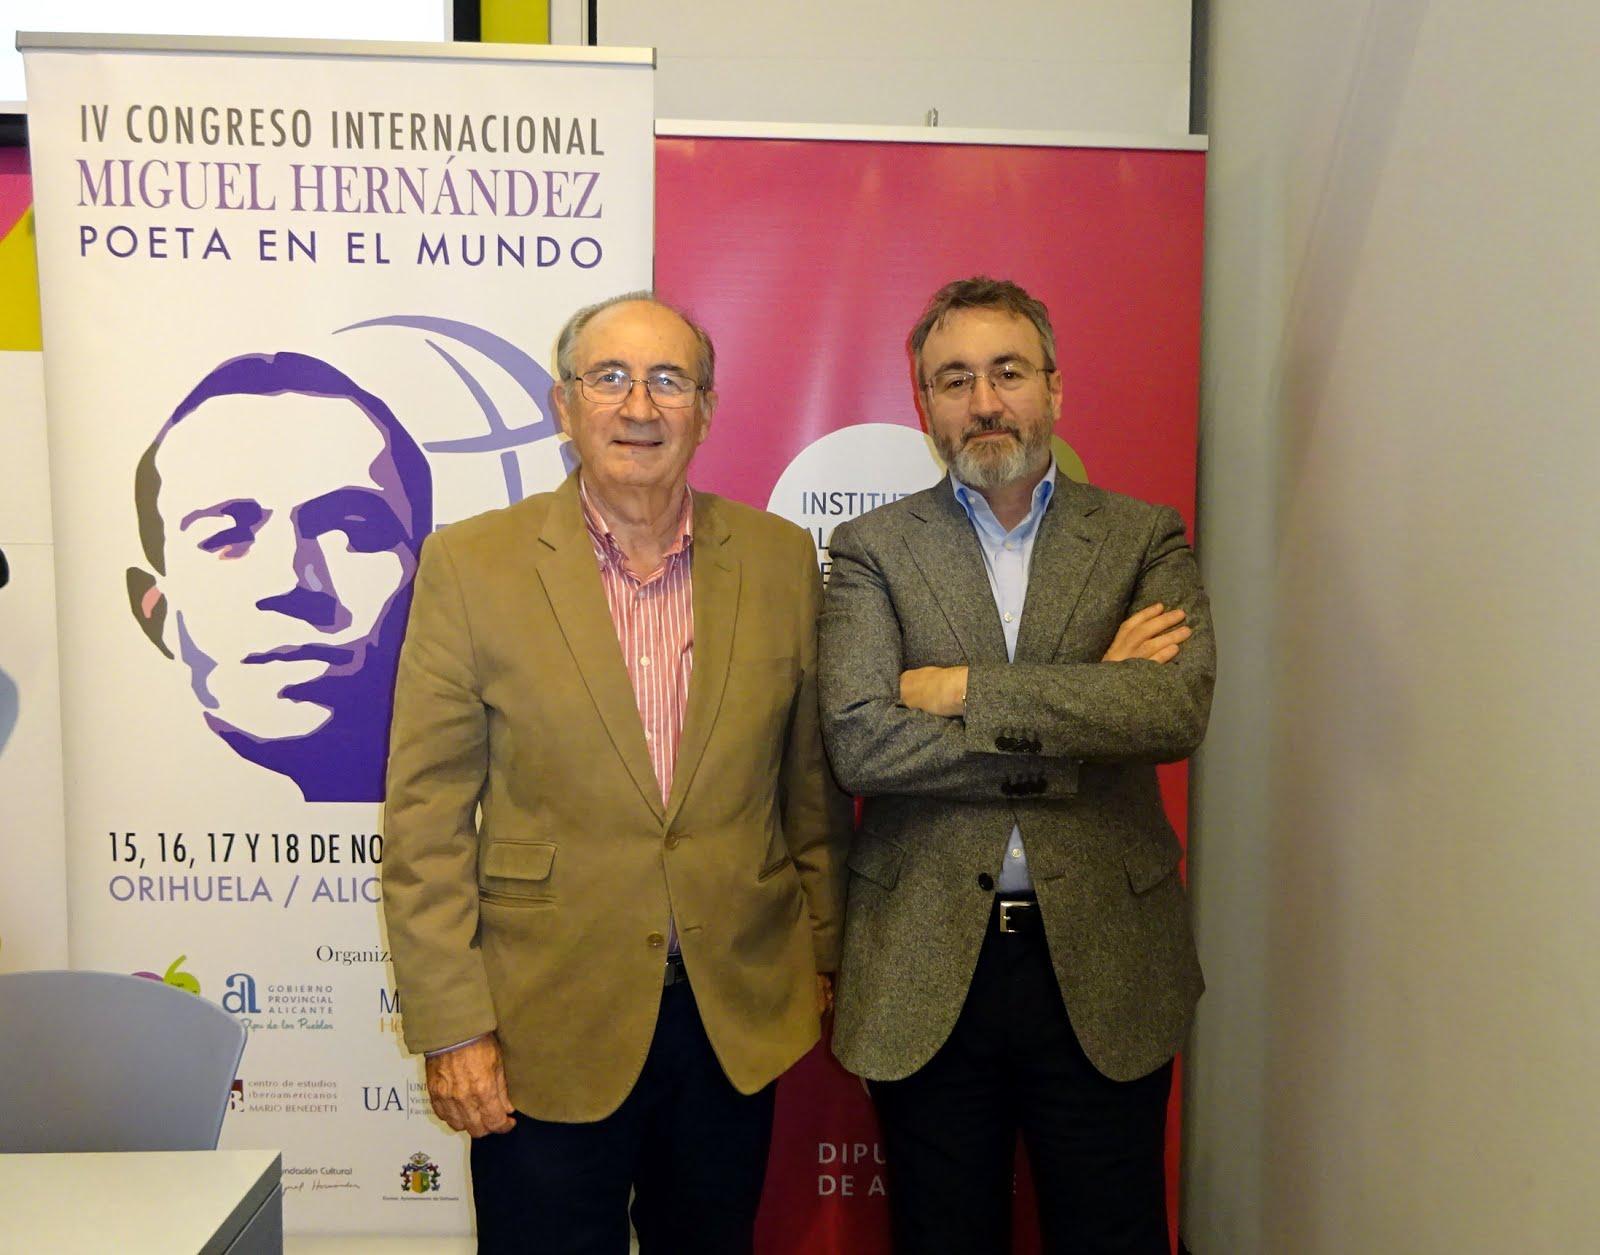 IV Congreso Internacional MH